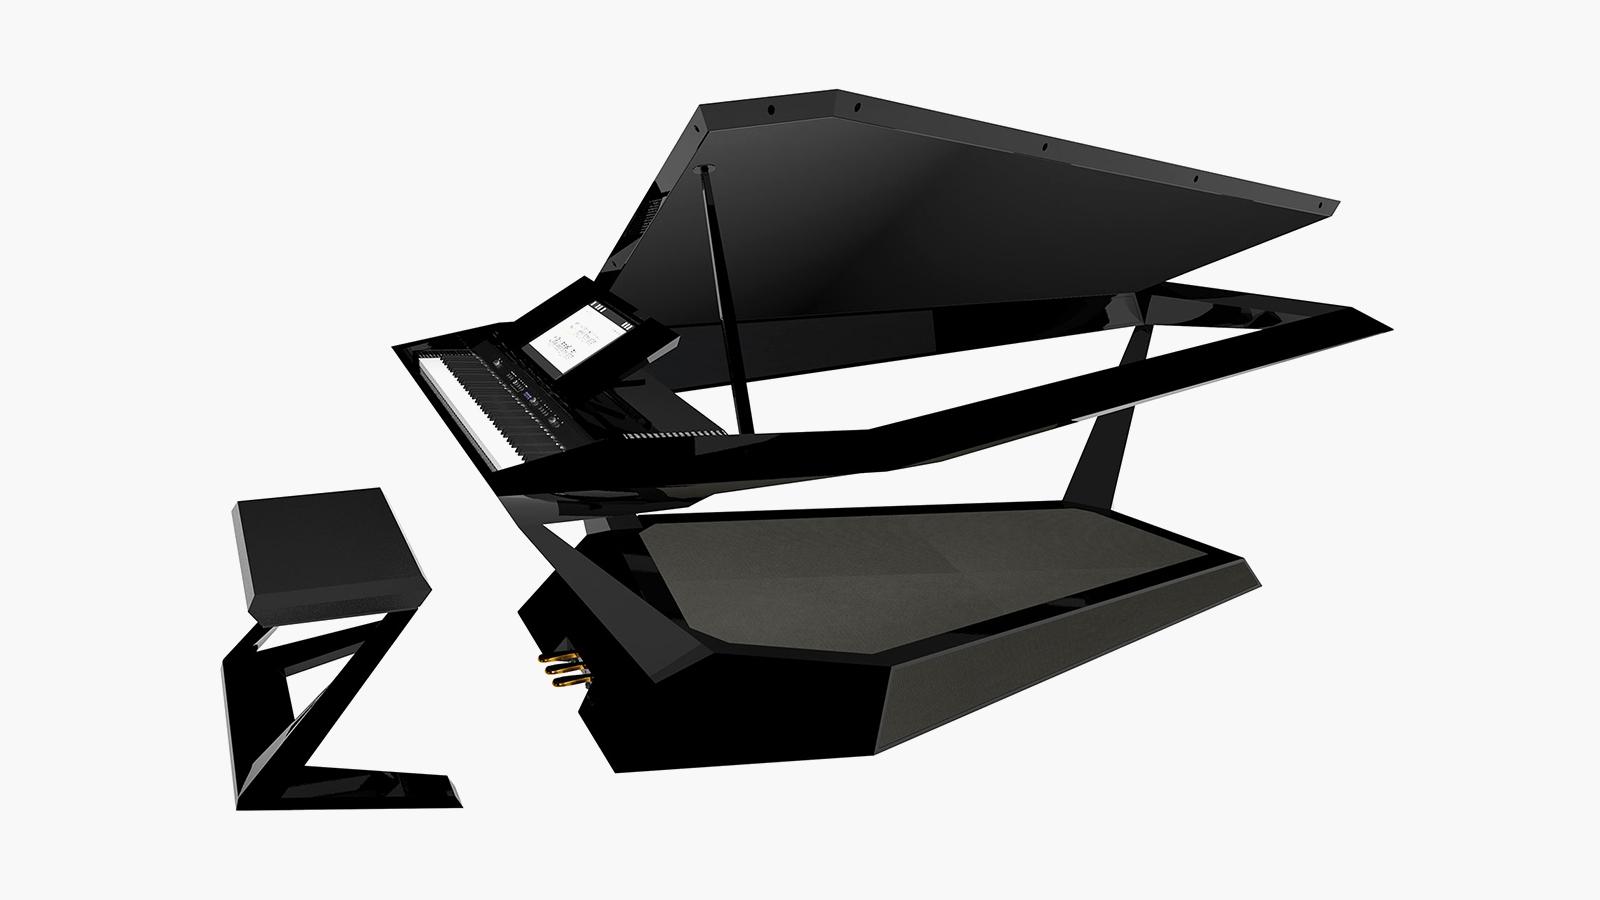 Roland GPX-F1 Facet Grand Piano Concept